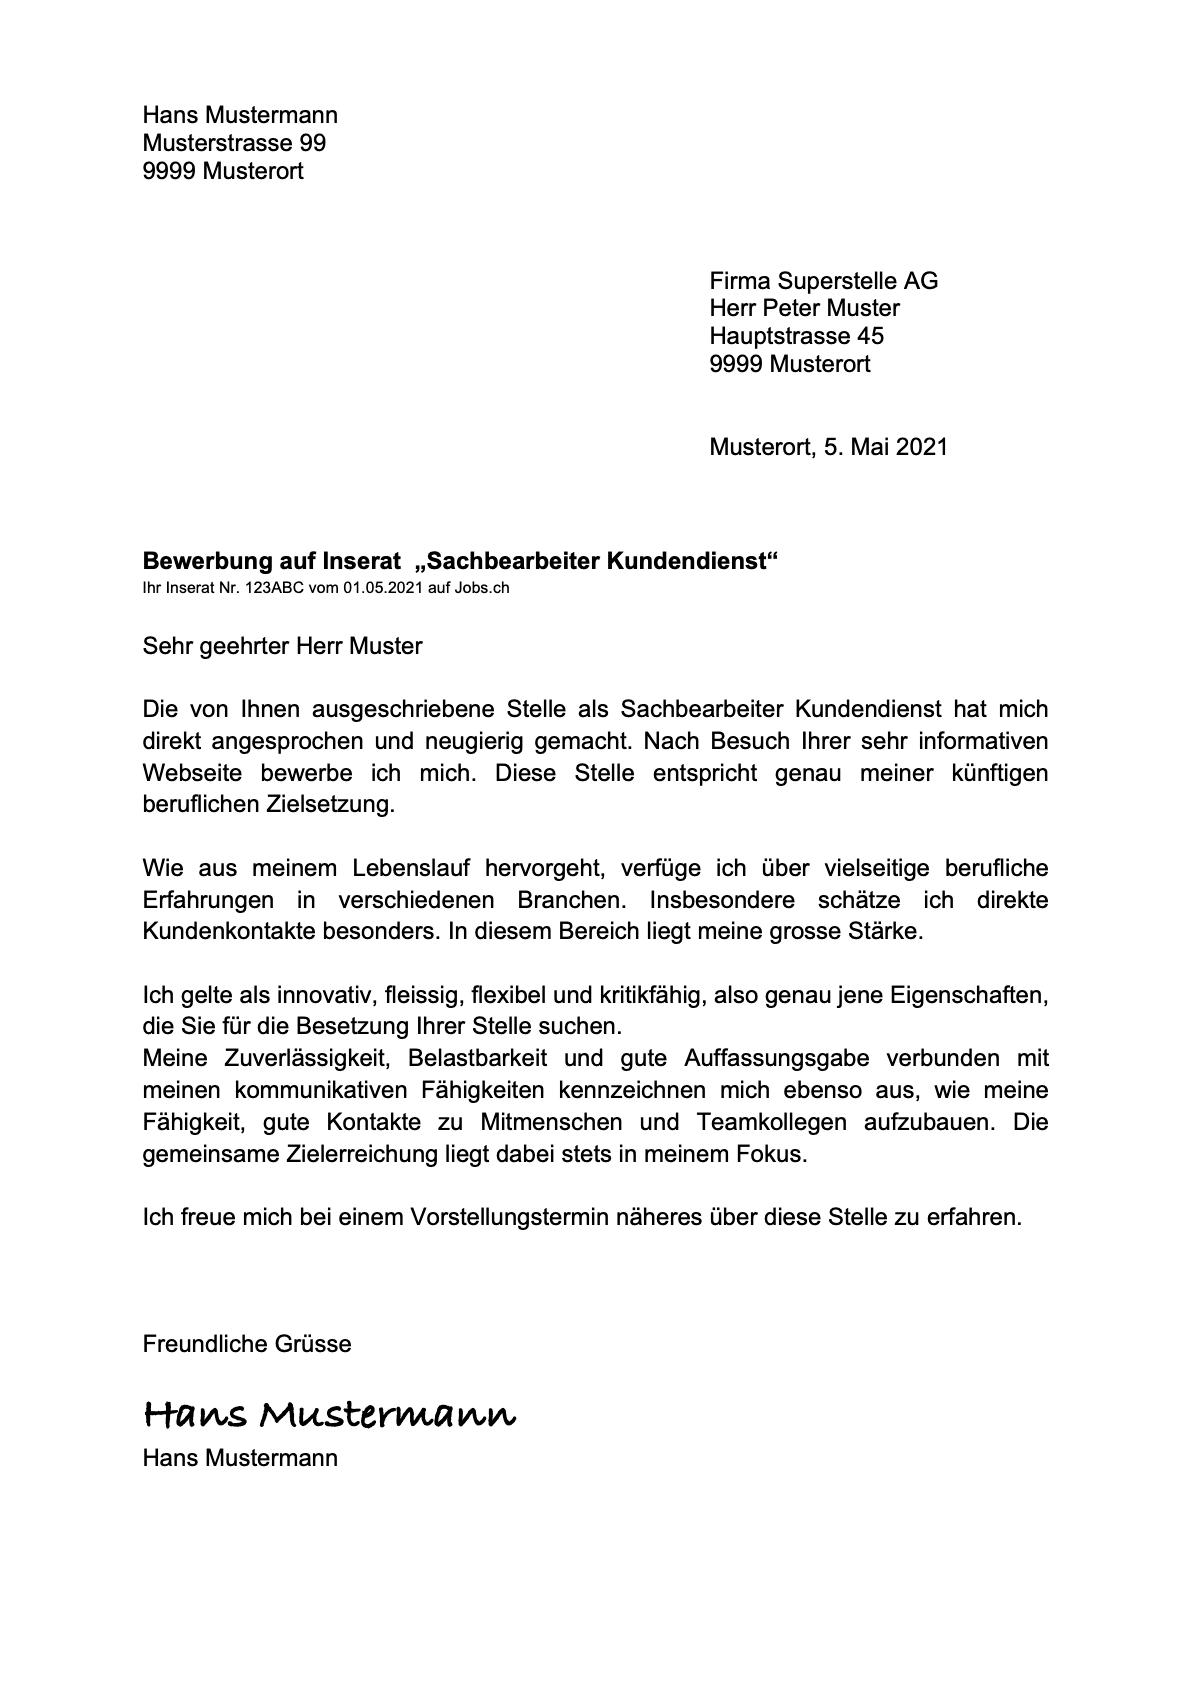 Bewerbungsschreiben Vorlage Muster Schweiz